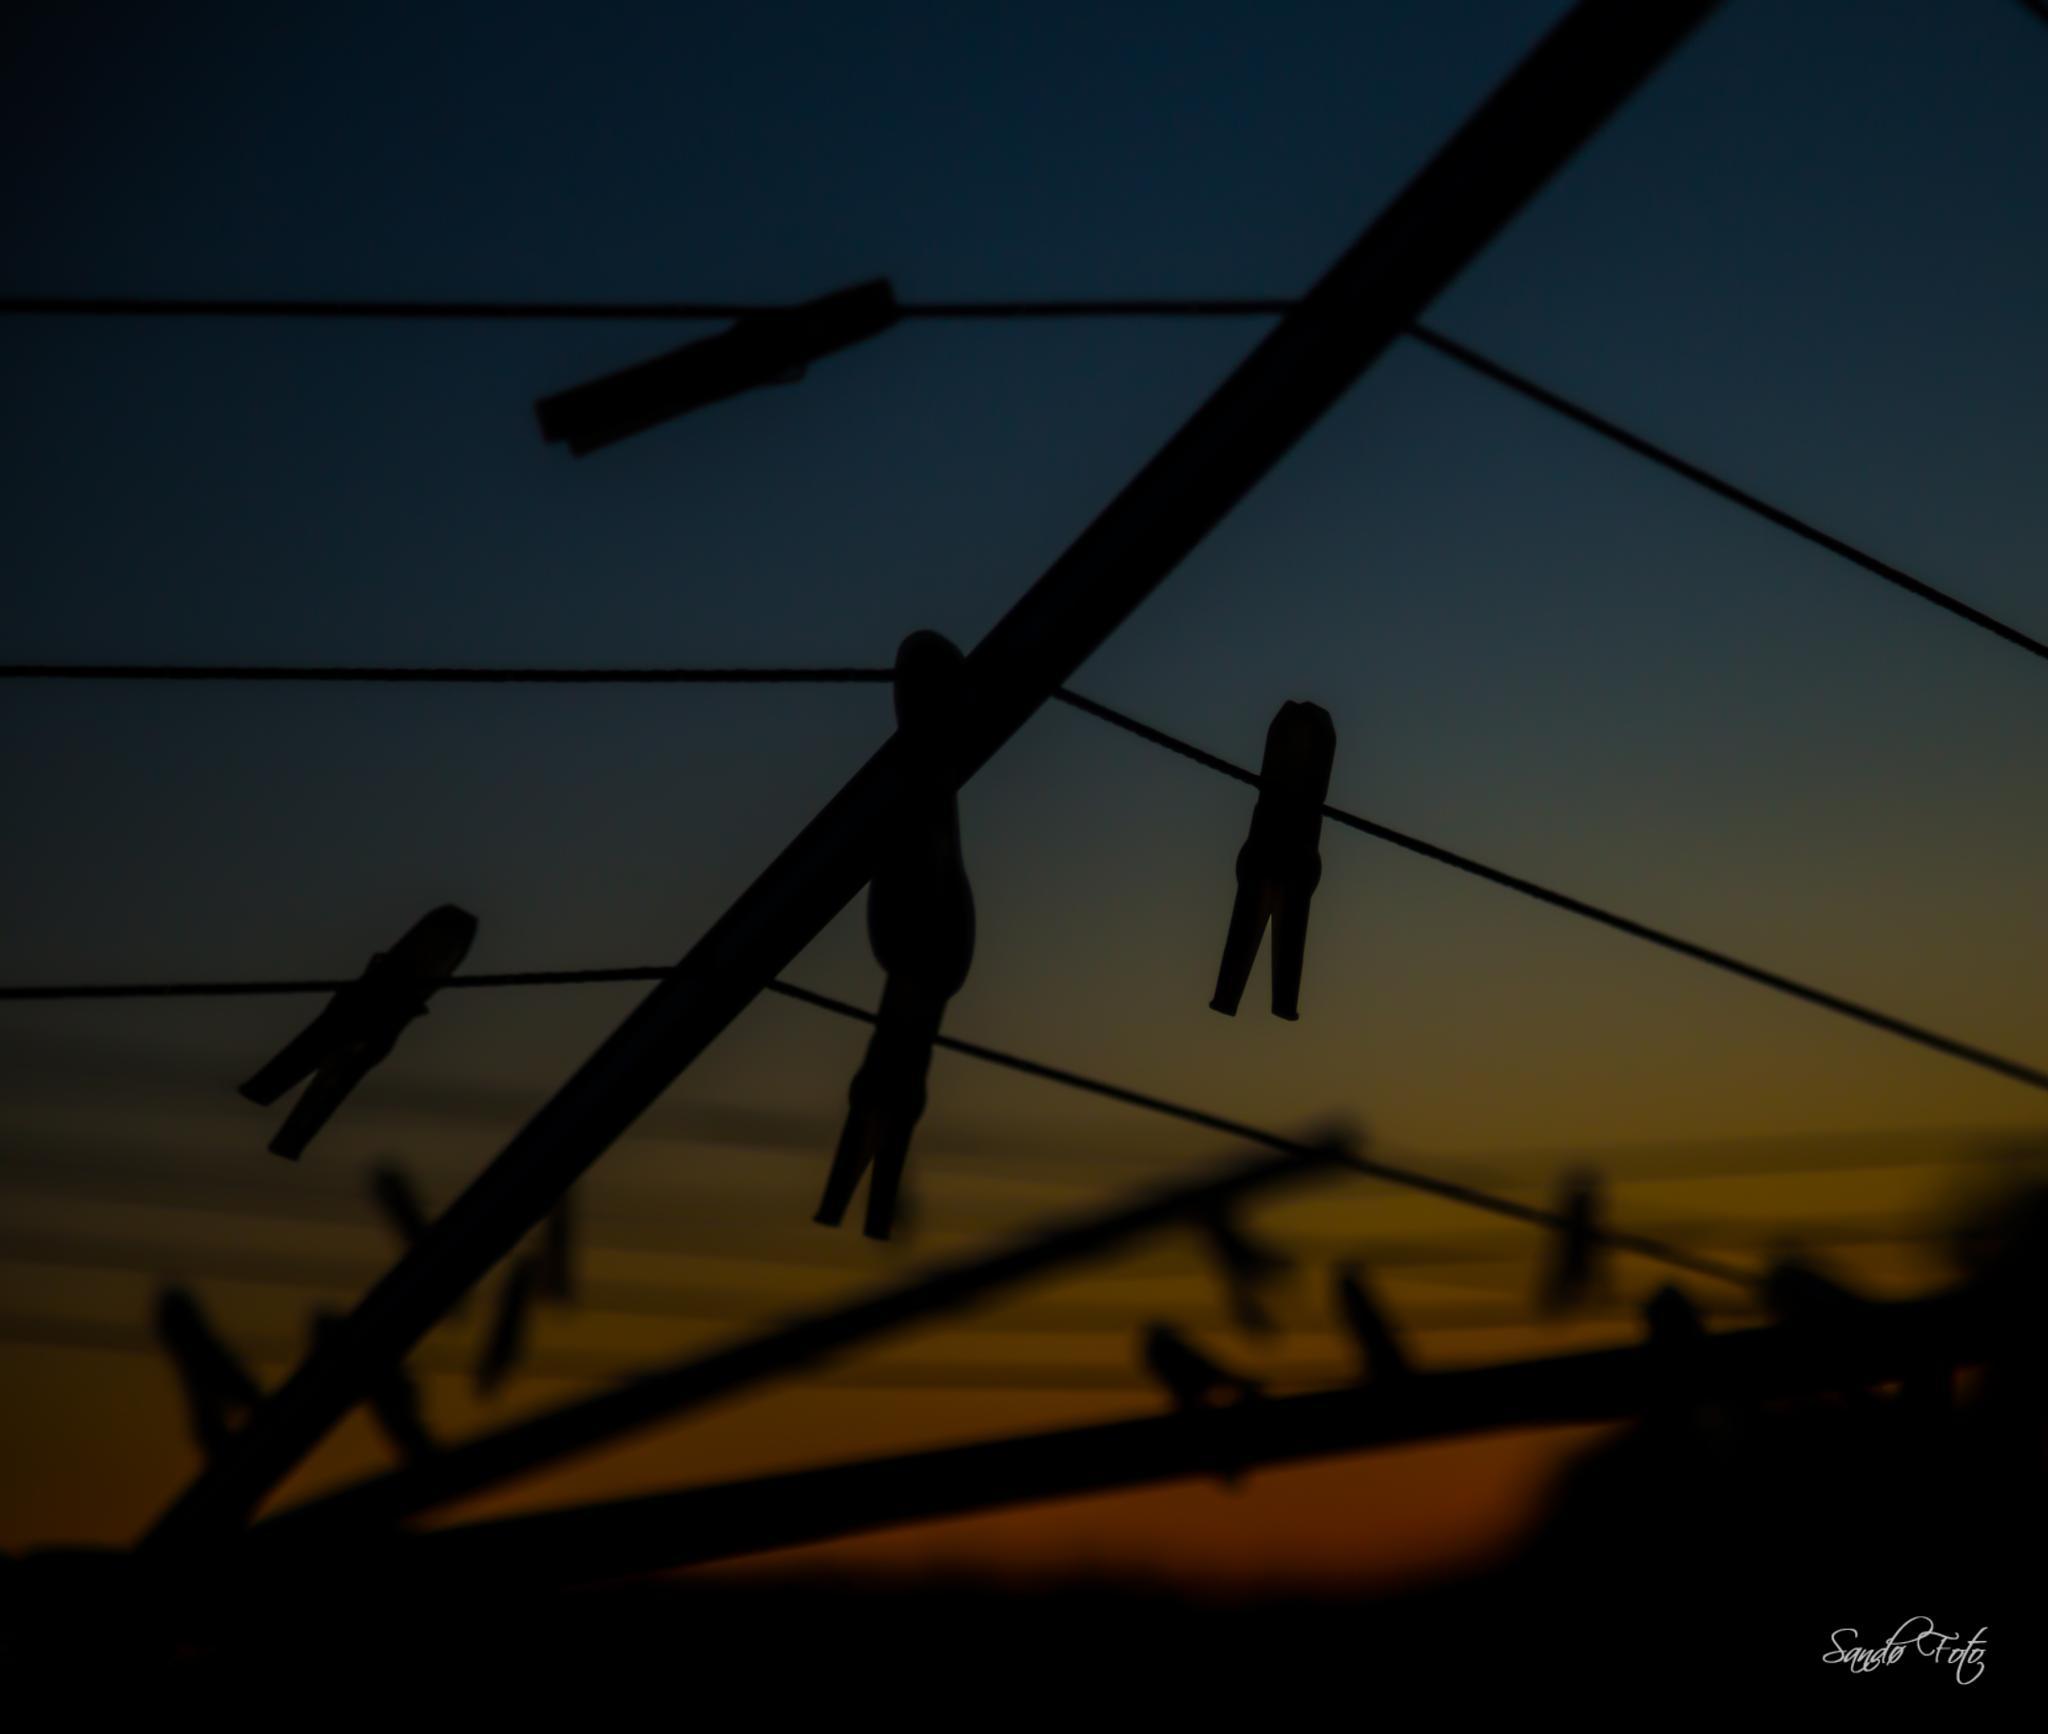 Clothes-pin by tjsandofoto